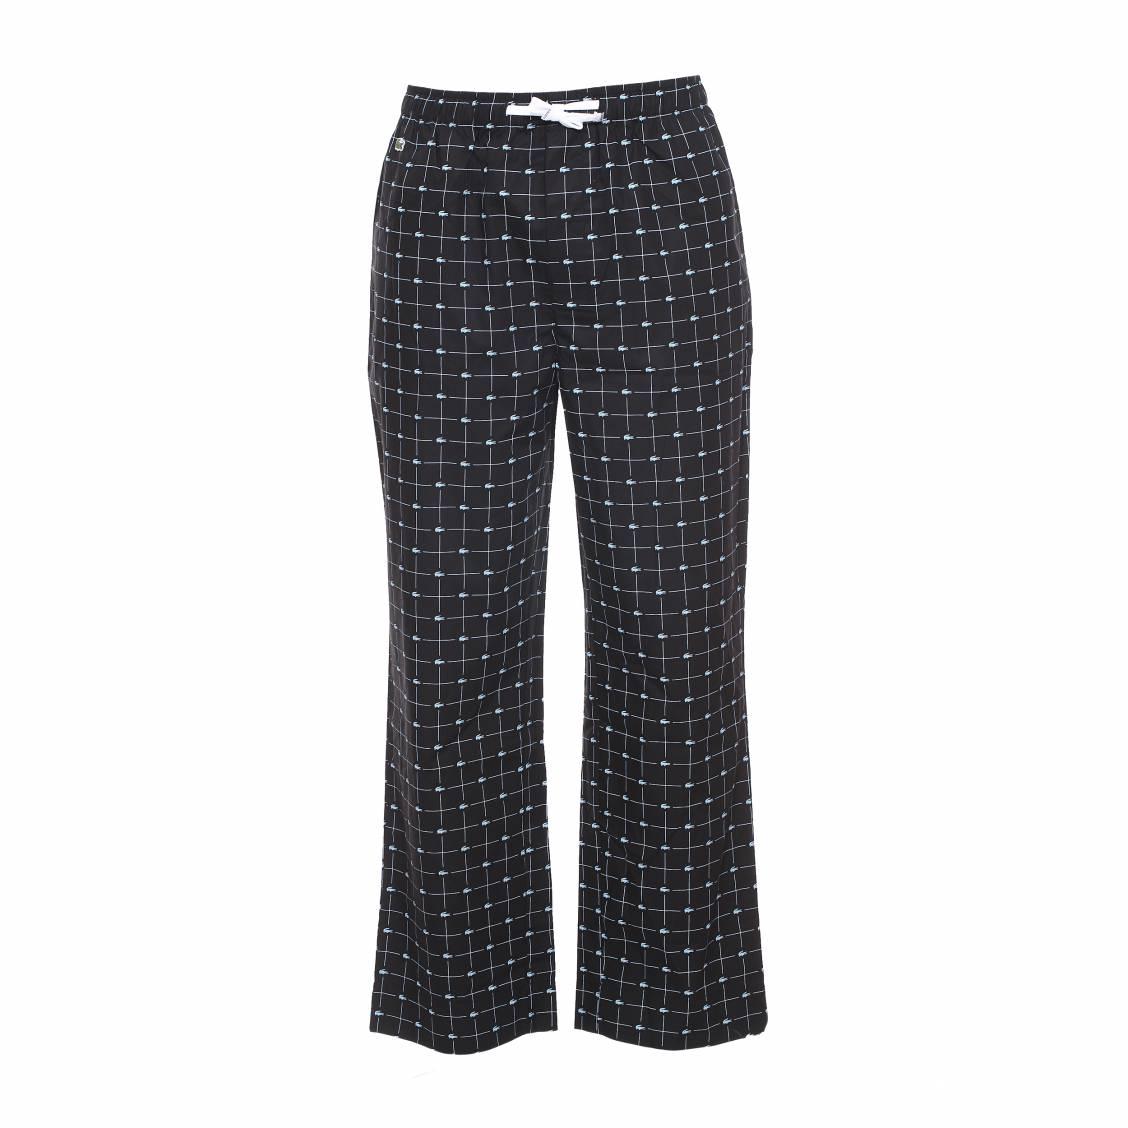 pantalon d 39 int rieur baseline lacoste en coton noir logotyp en bleu clair rue des hommes. Black Bedroom Furniture Sets. Home Design Ideas